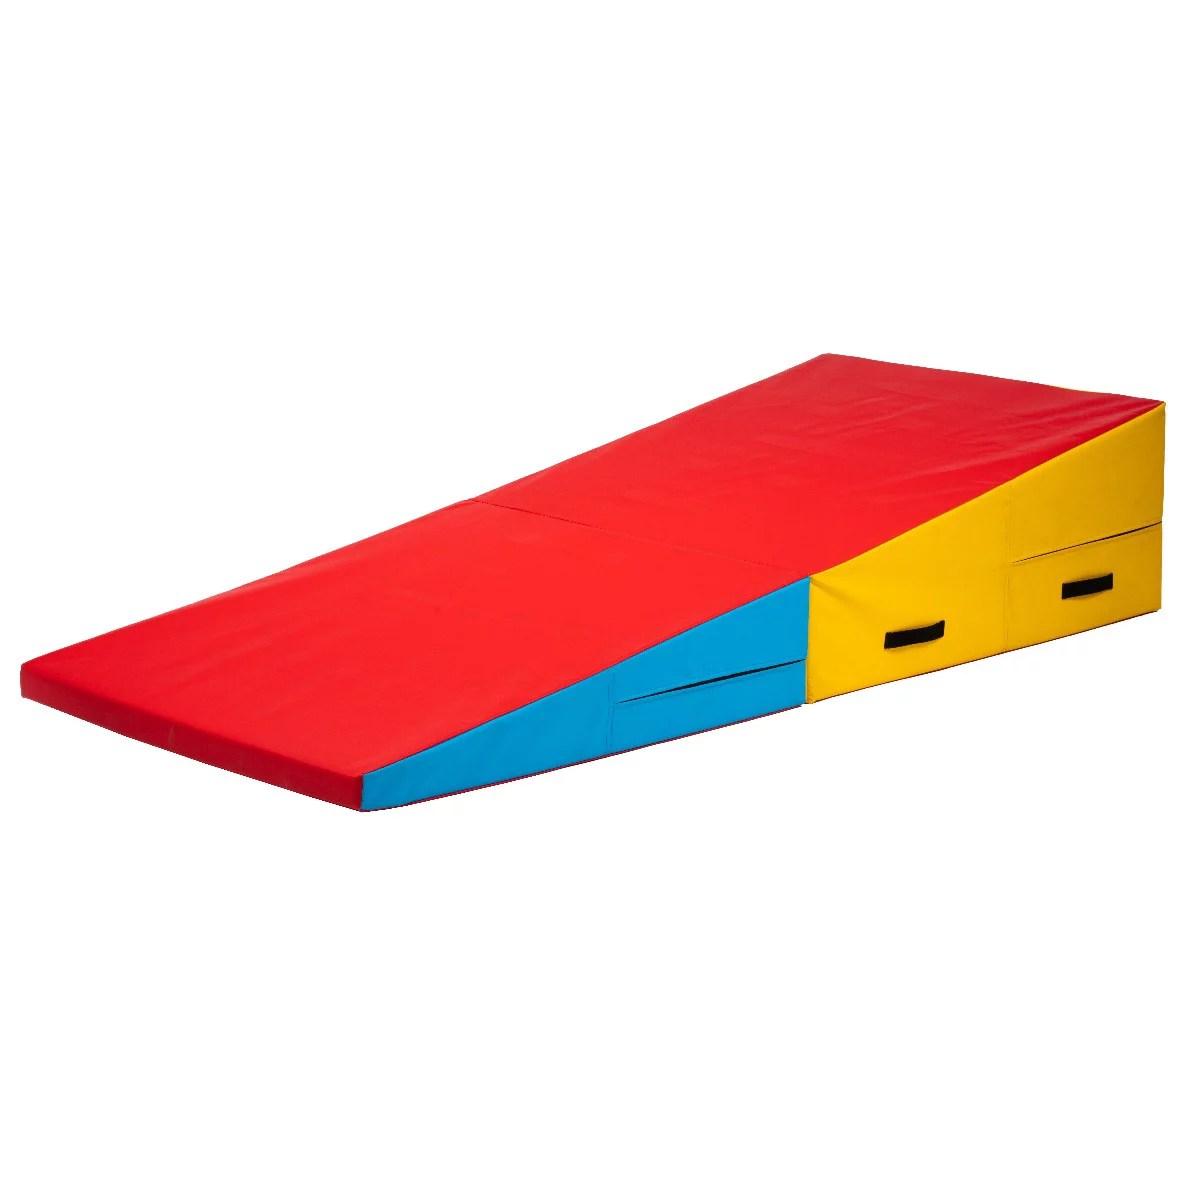 prisp tapis de gymnastique incline matelas de gym en inclinaison pour enfants 180 x 76 x 36 cm